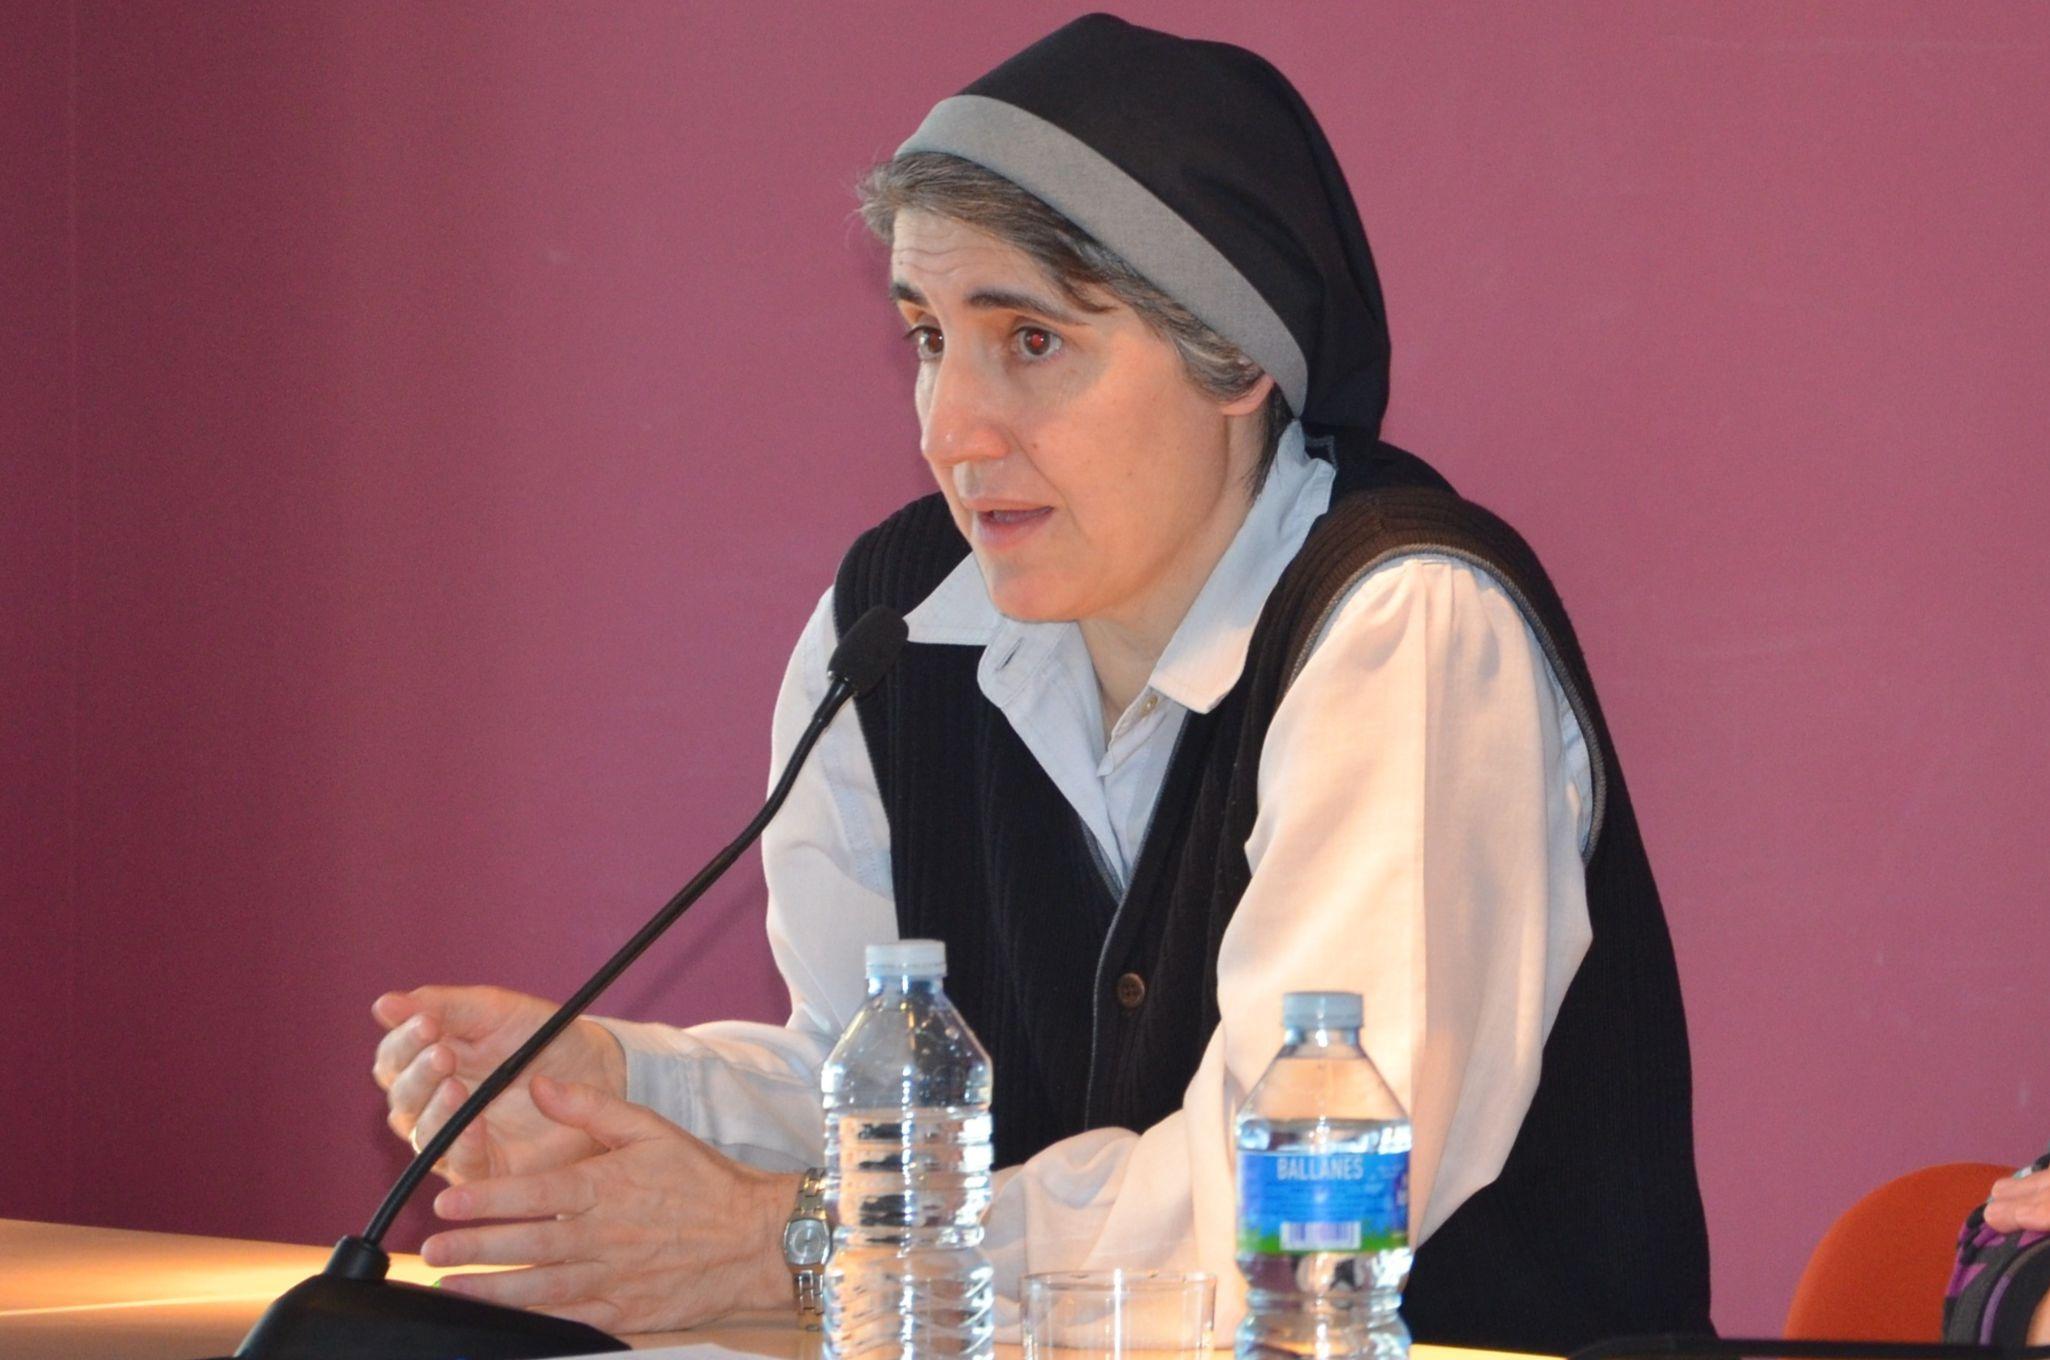 Teresa Forcades imparteix una conferència sobre els aspectes socials de l'emmalaltir humà